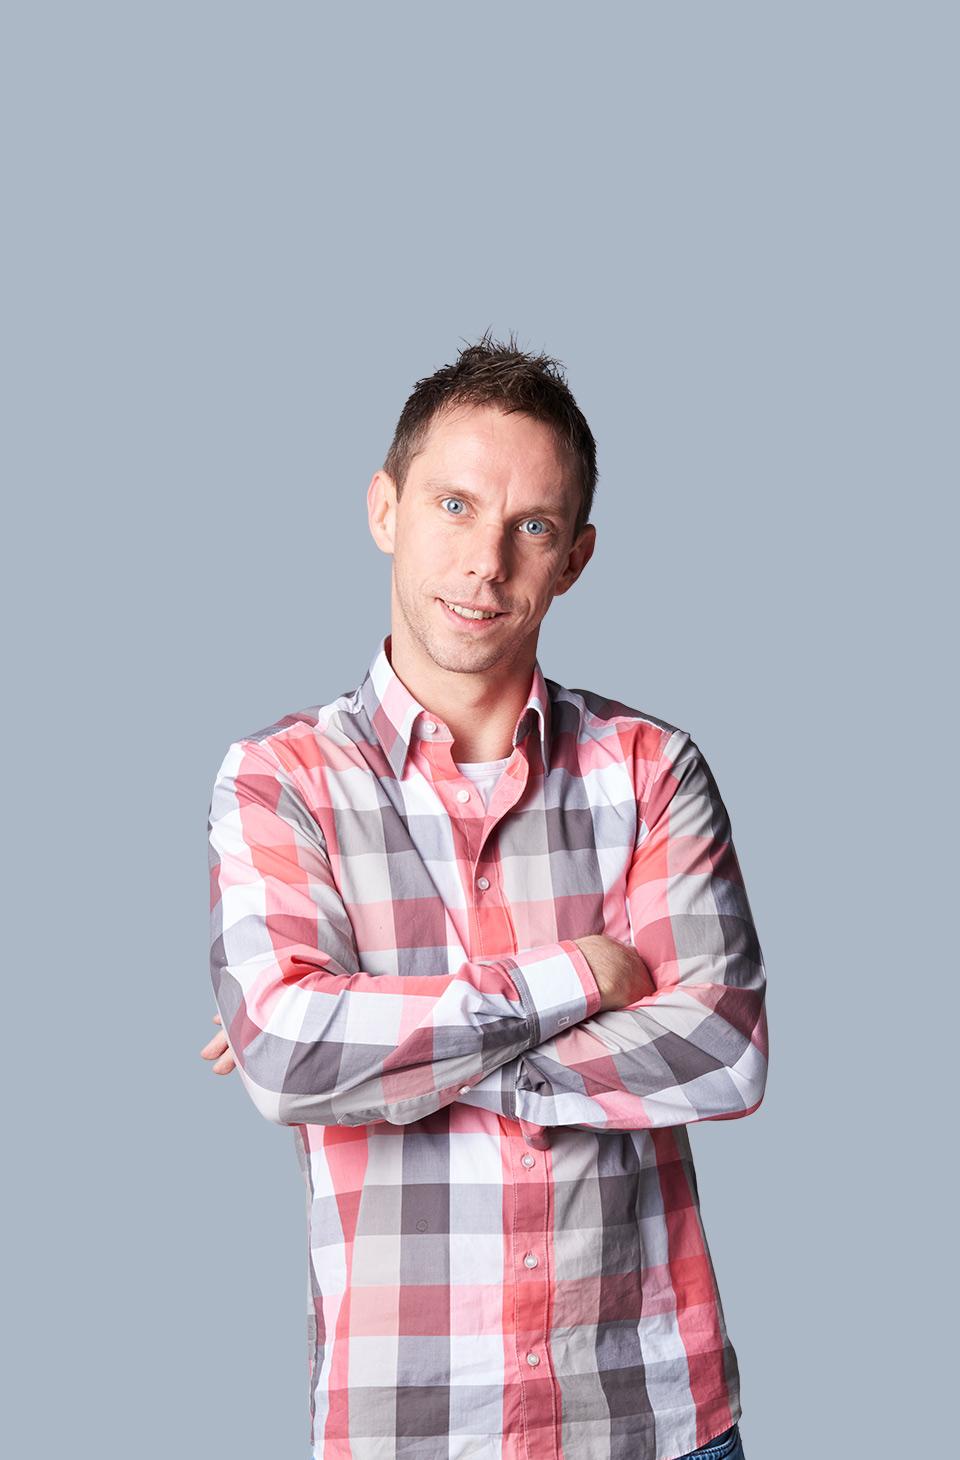 Enrico Lauschke - Online Marekting Manager